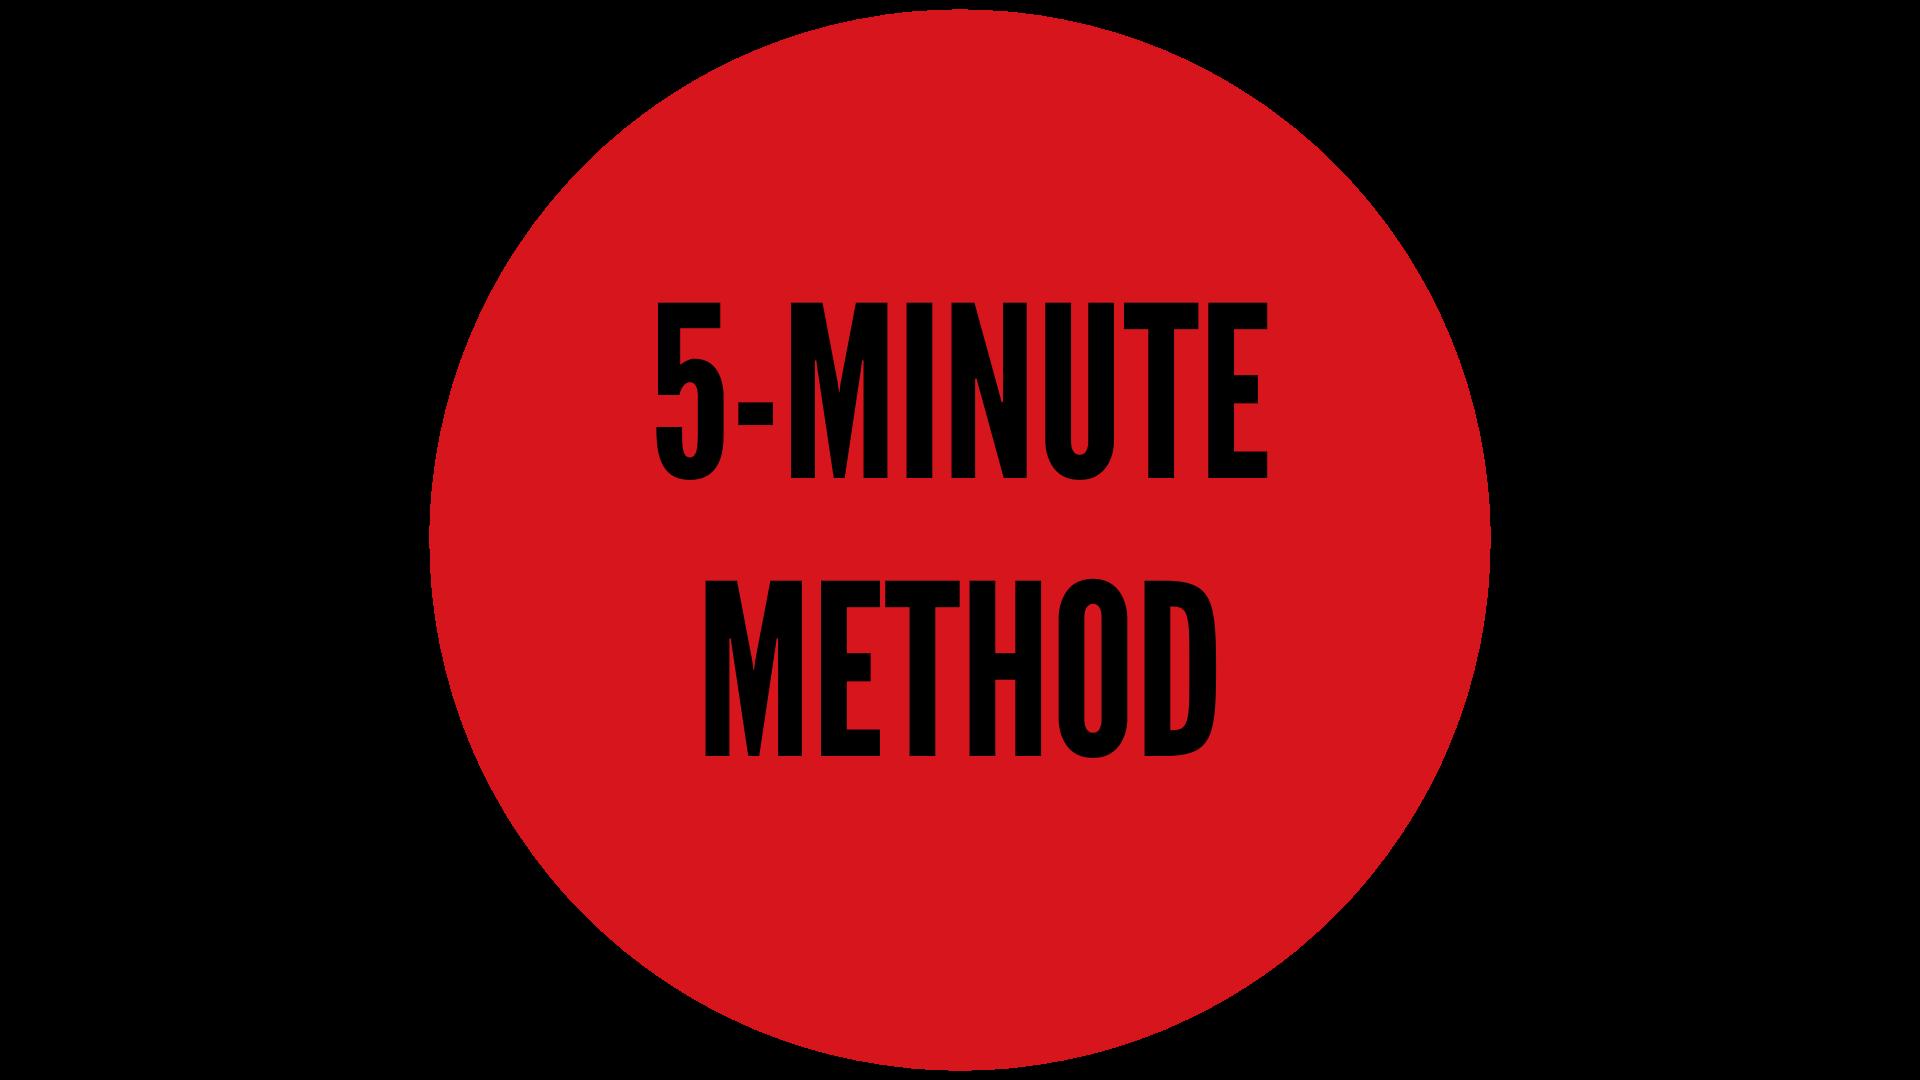 5-MINUTE METHOD